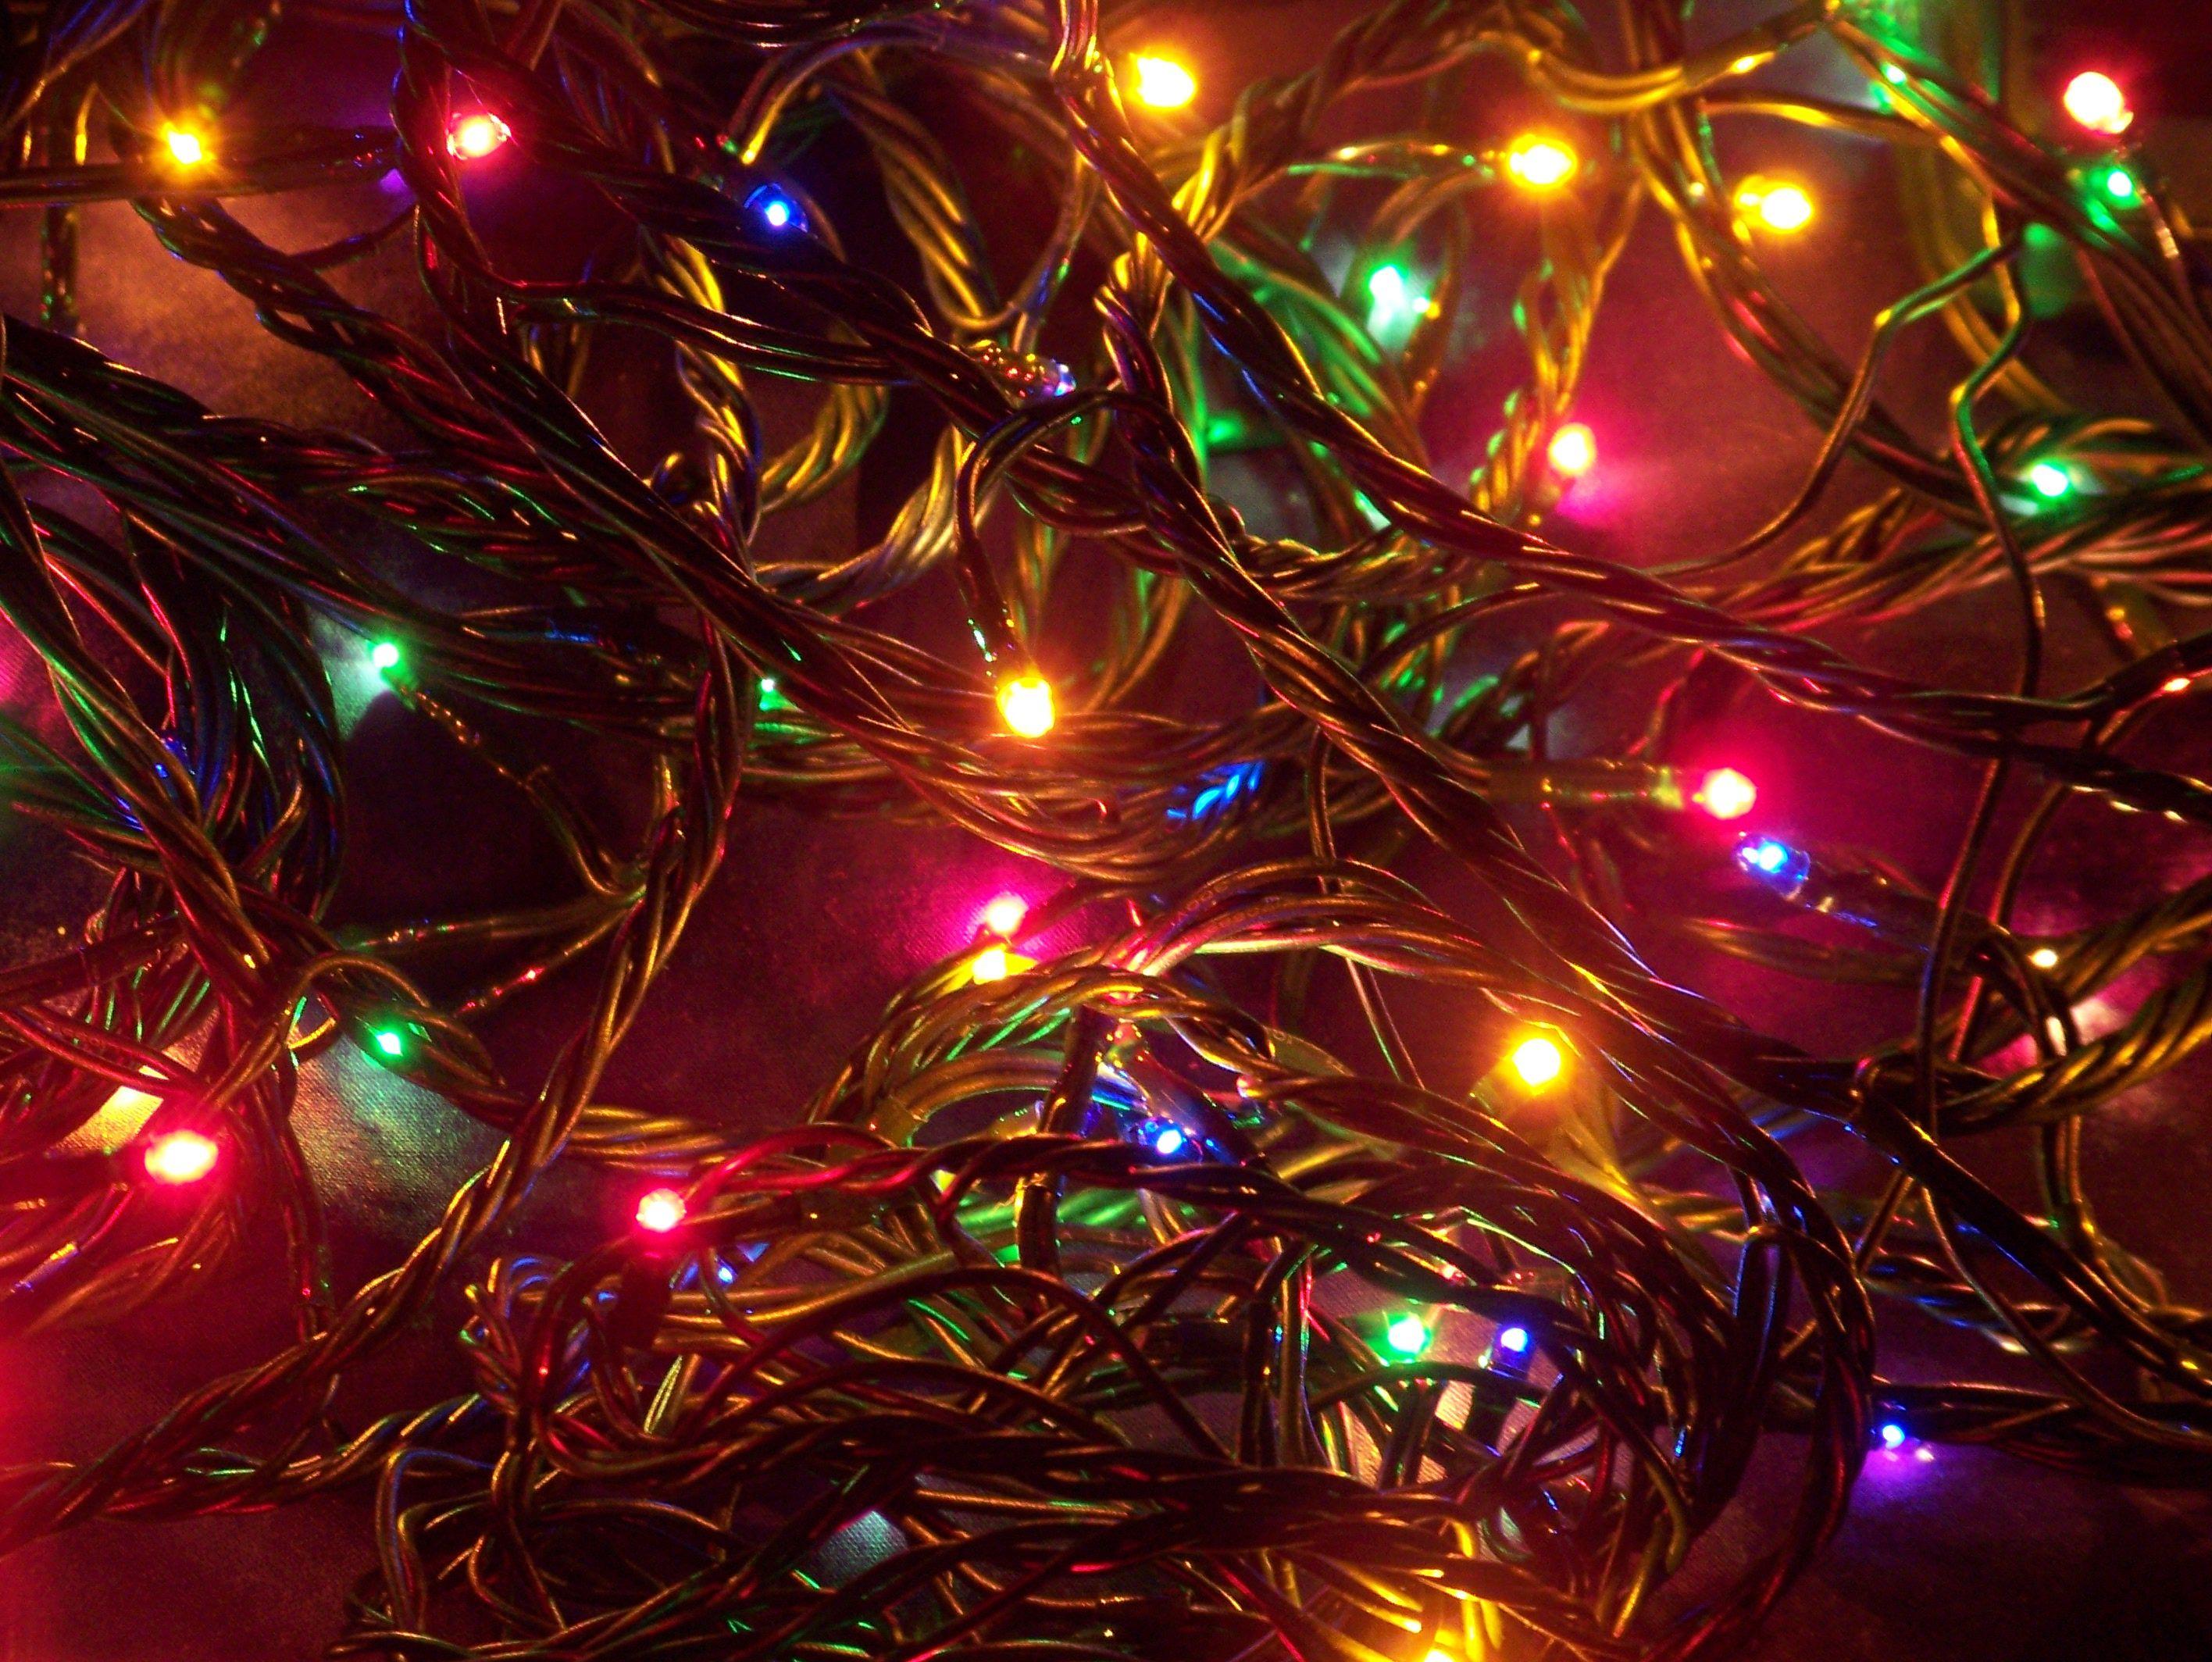 Christmas Christmas Lights Wallpaper Christmas Lights Wallpaper Pink Christmas Lights Holiday Lights